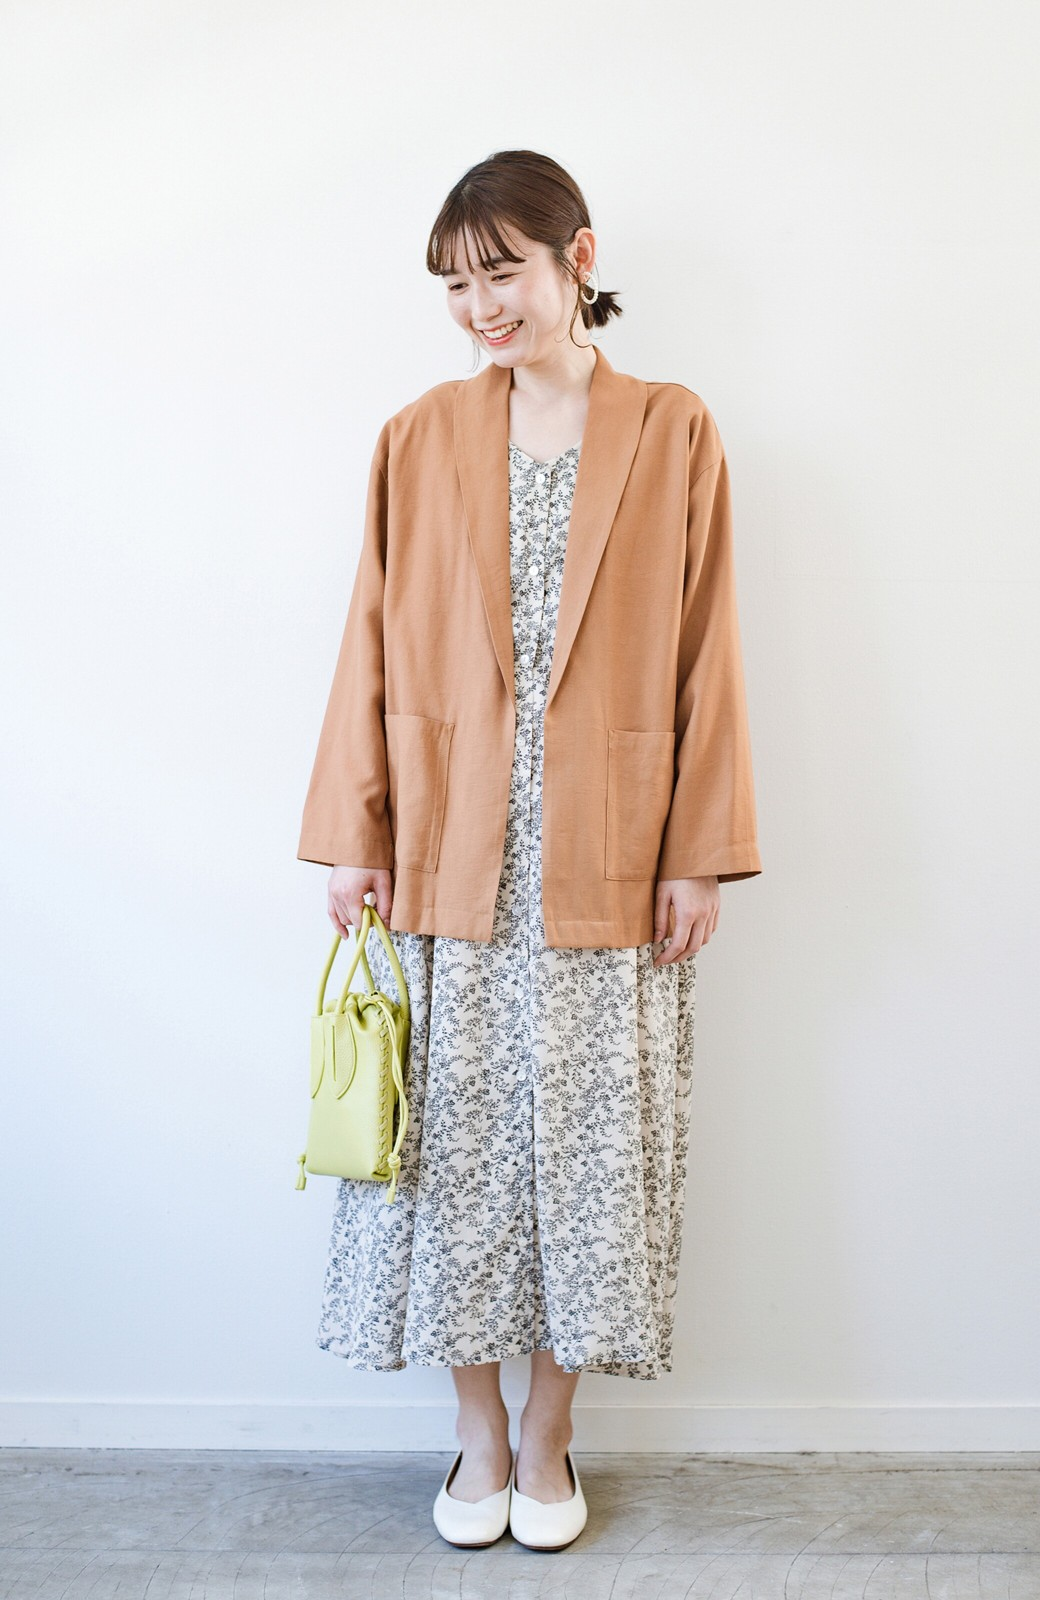 haco! さらりと羽織ってきれい見え カジュアルにも着られてほどよいきちんと感が頼りになるリラックスジャケット <キャメル>の商品写真11